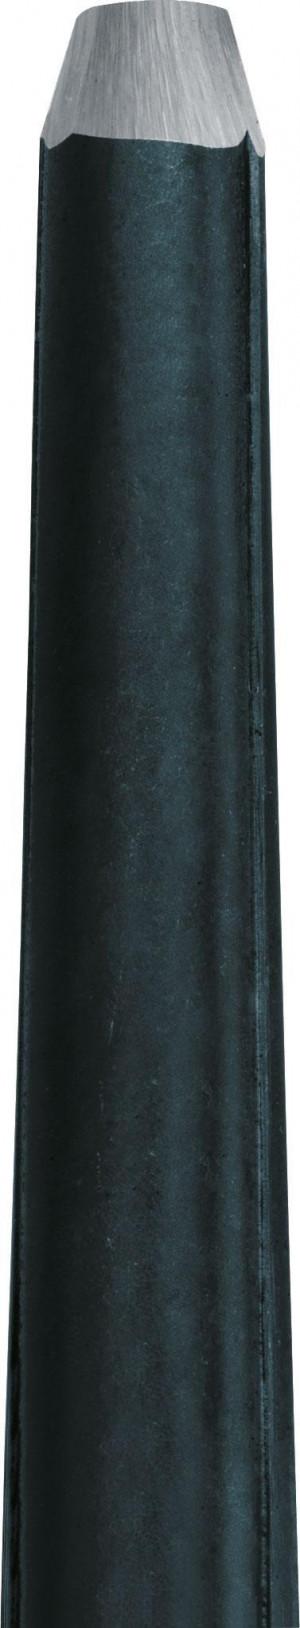 Резец по линолеуму  RJM  №3 ручка усиленная